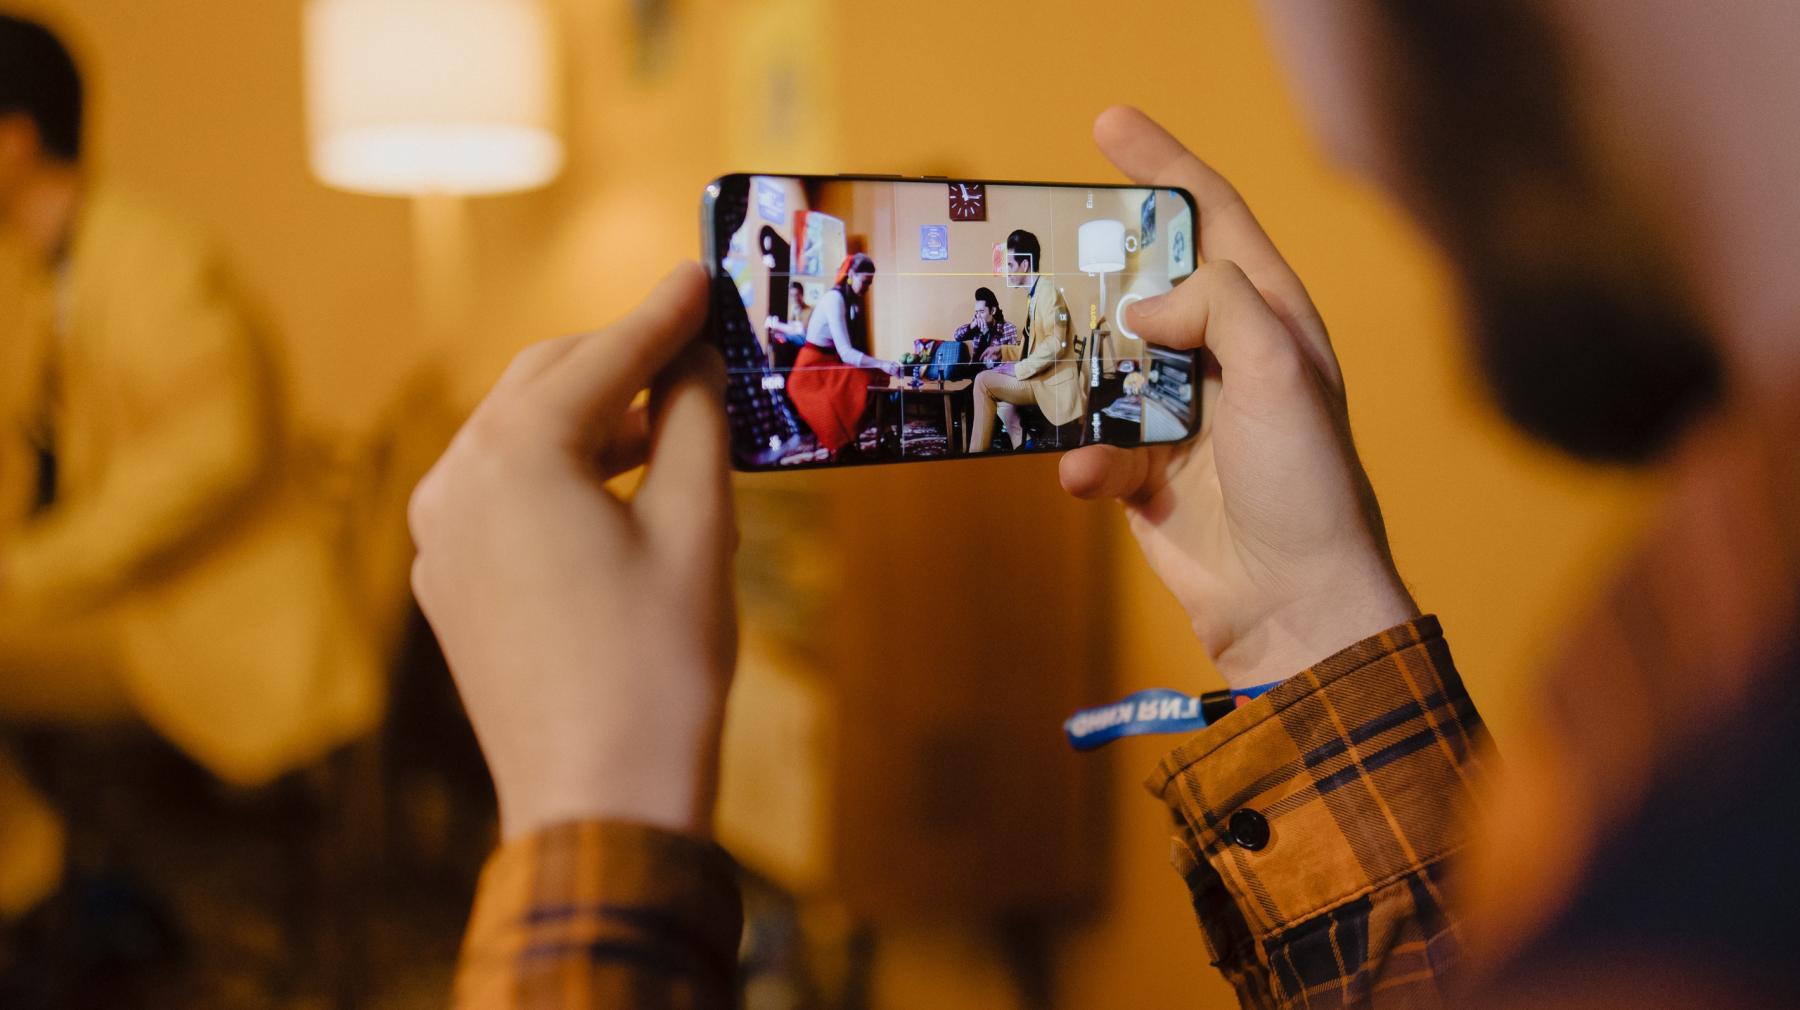 Фото «Кураж-Бамбей» озвучит презентацию смартфонов Xiaomi – 2021: во сколько смотреть 15 сентября  в хорошем качестве 2